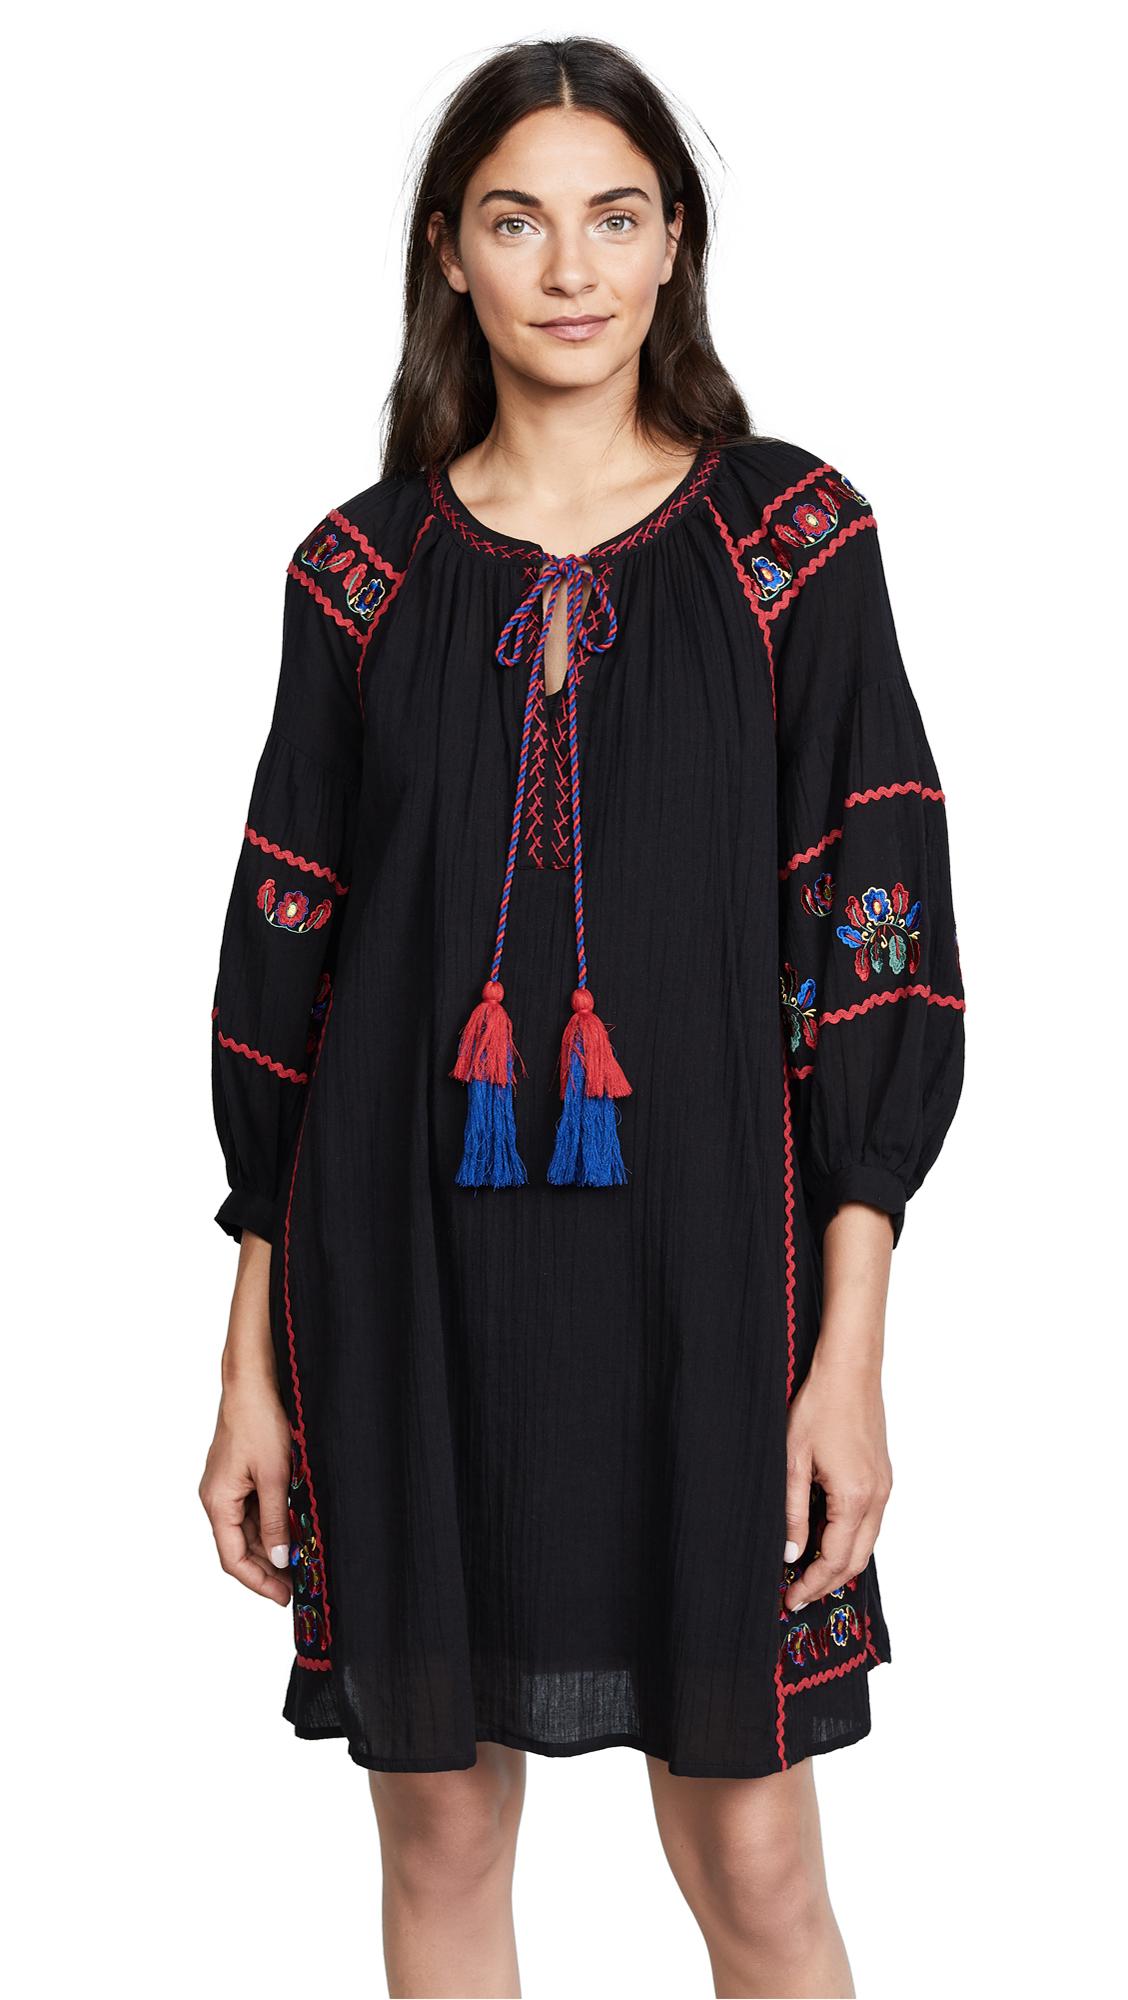 Velvet Embroidered Dress In Black